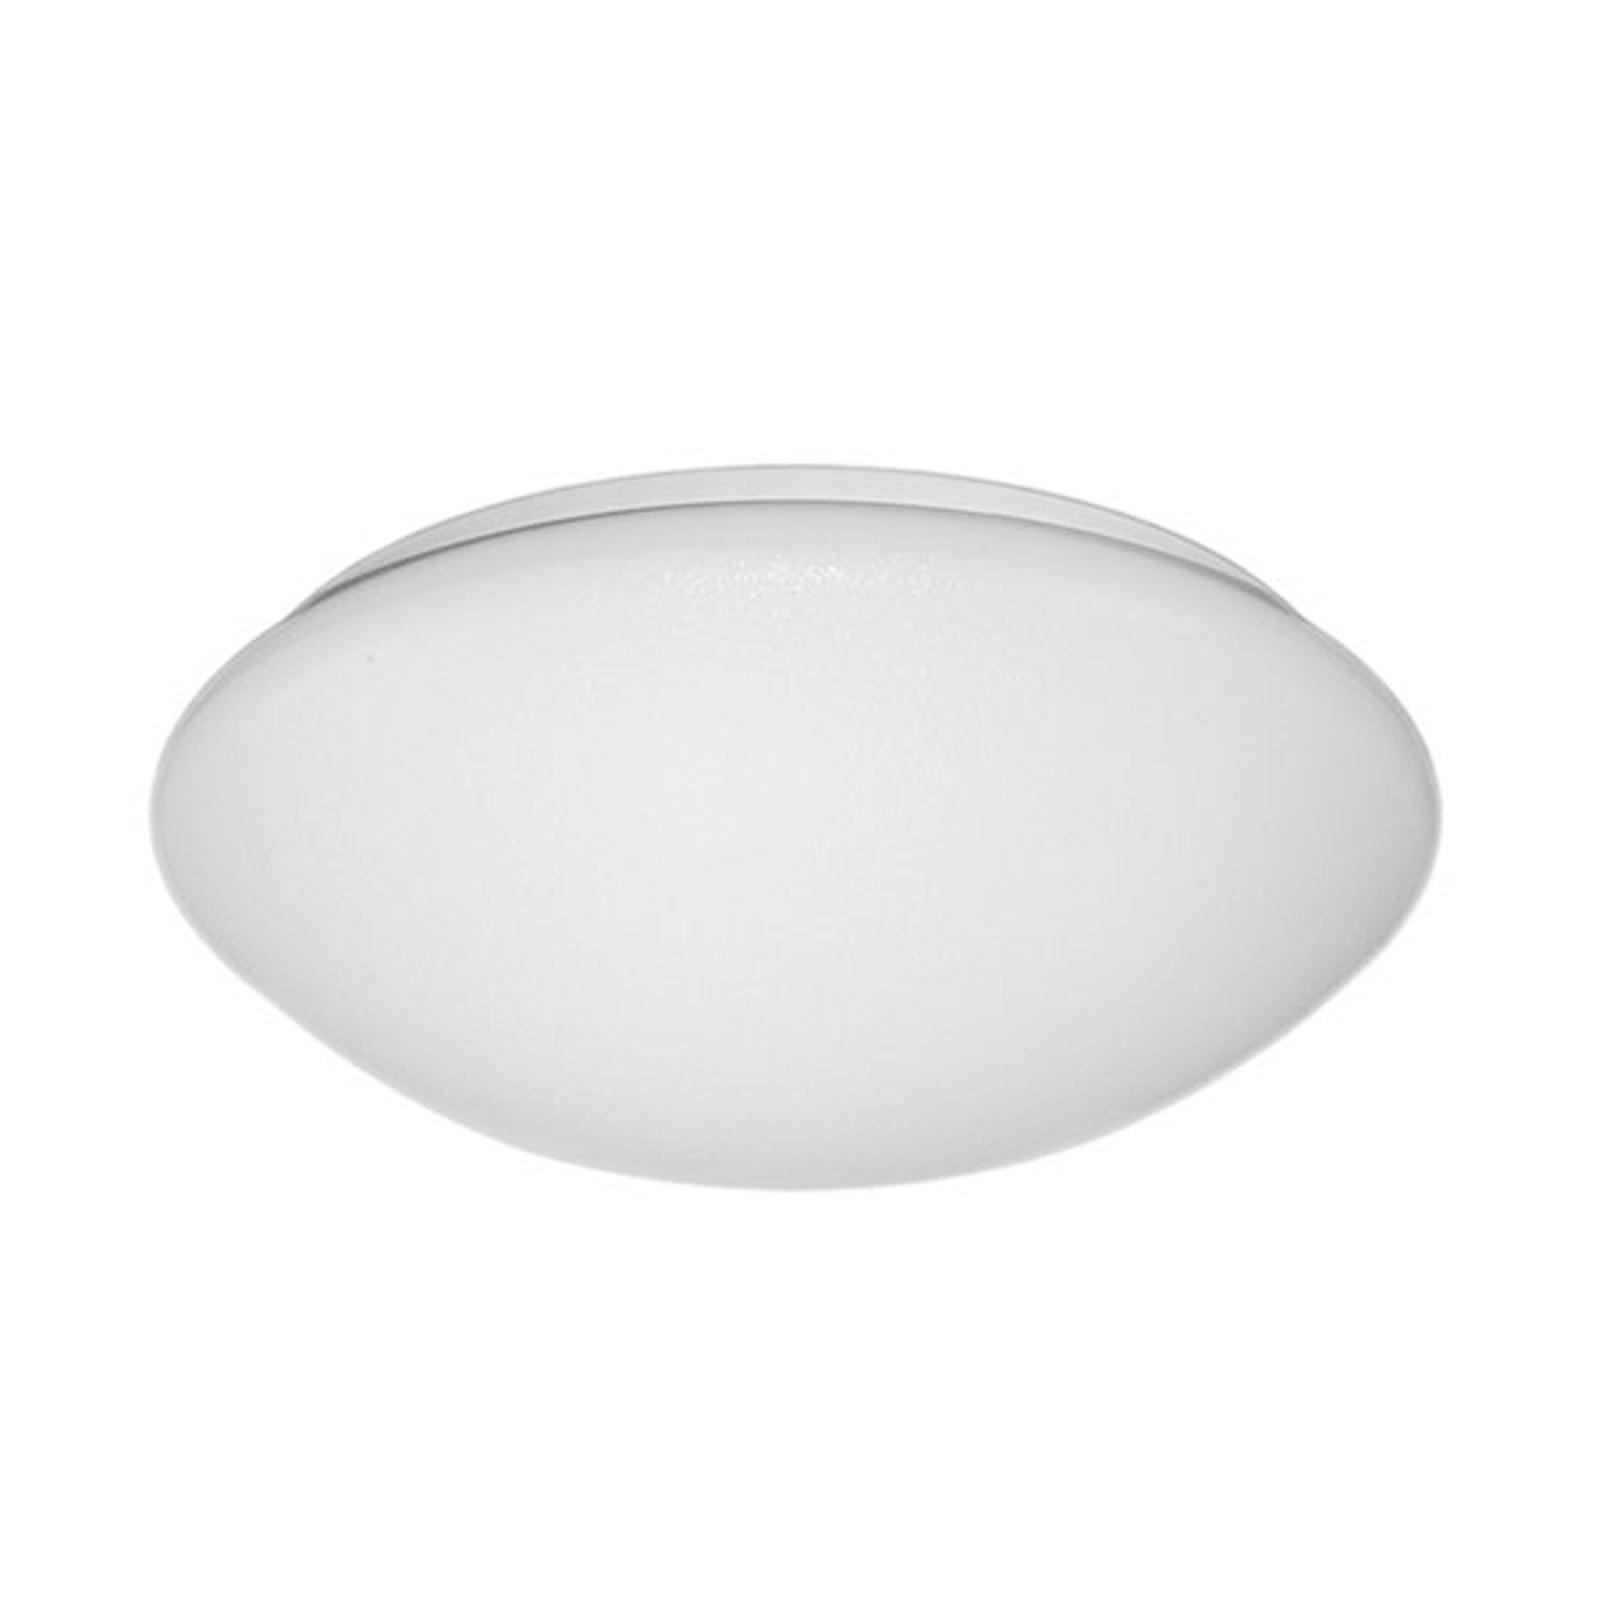 Plafonnier LED résilient 27W, 3000K